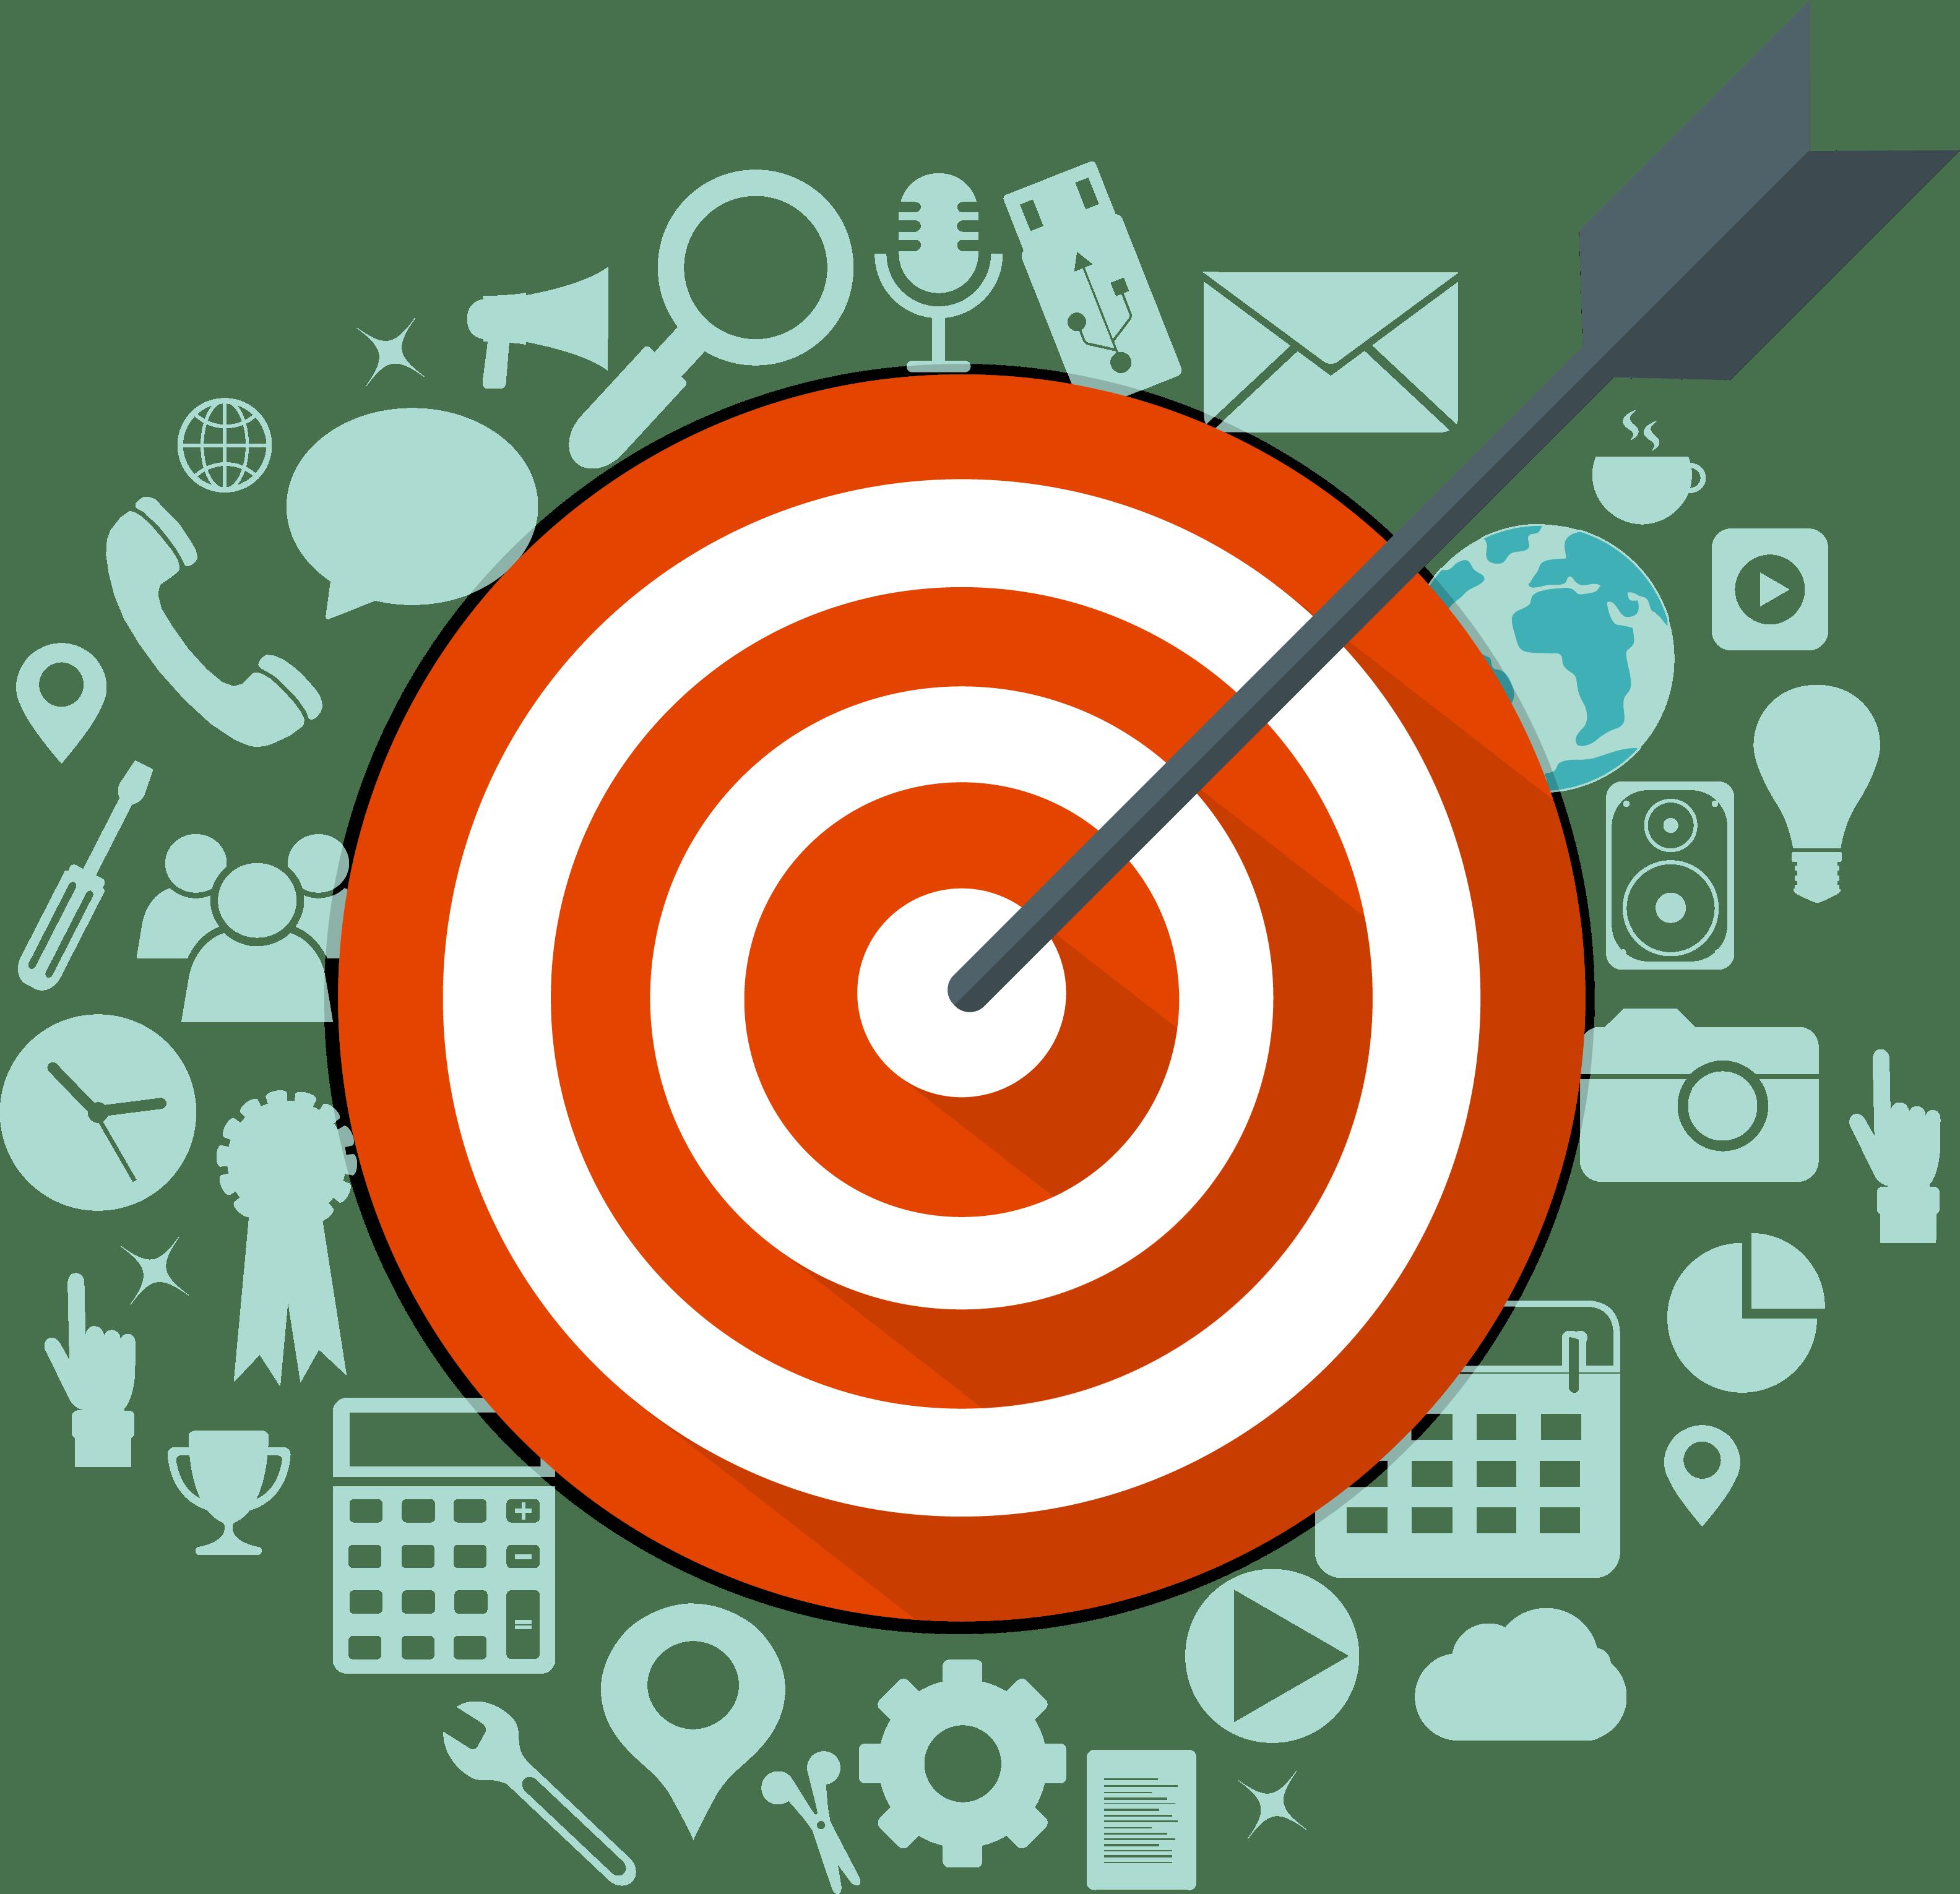 Digital marketing - Bersaglio con freccia